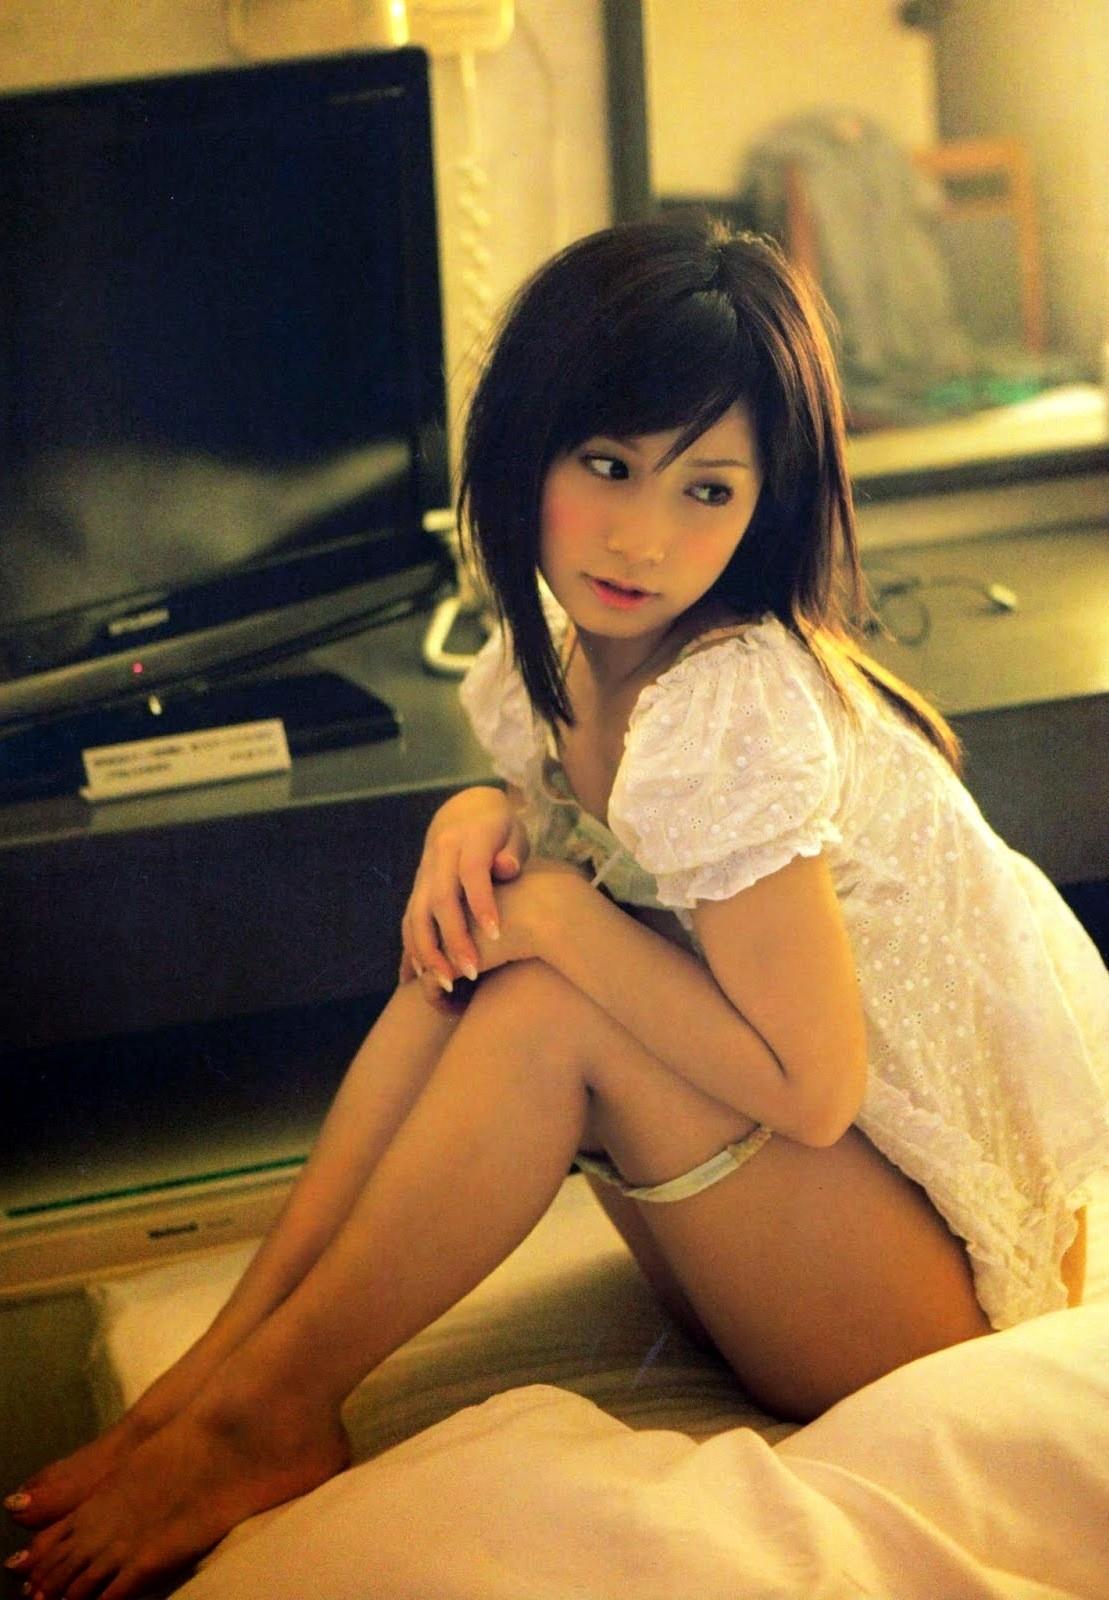 【画像あり】AV女優の小島みなみさん可愛すぎワロタ